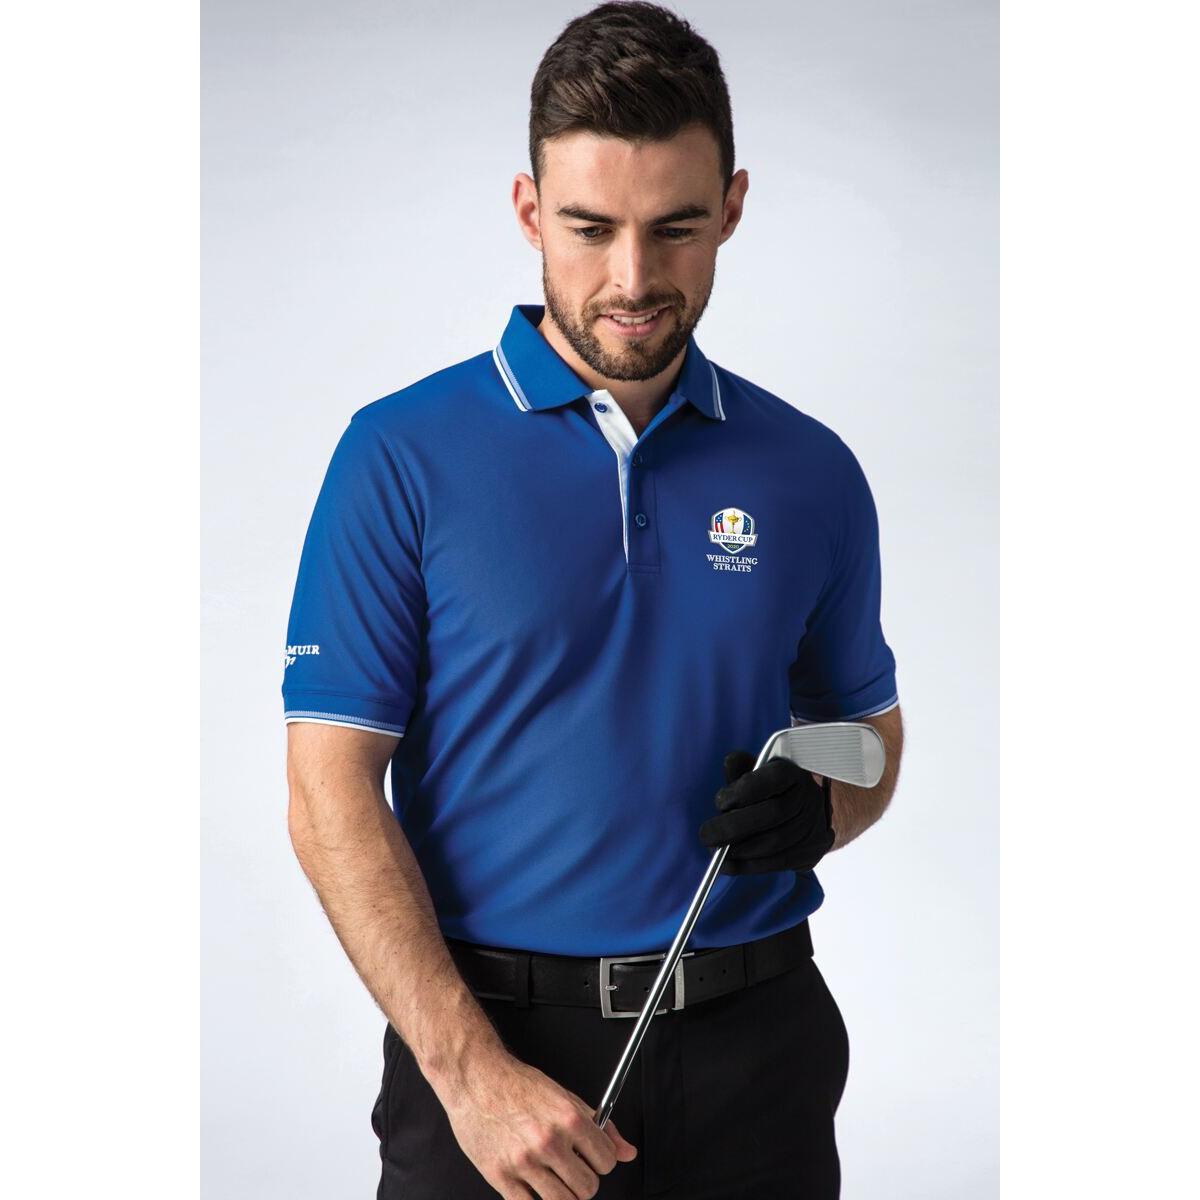 Glenmuir Official Ryder Cup 2021 Pique Golf Polo Shirt, best golf shirts for men